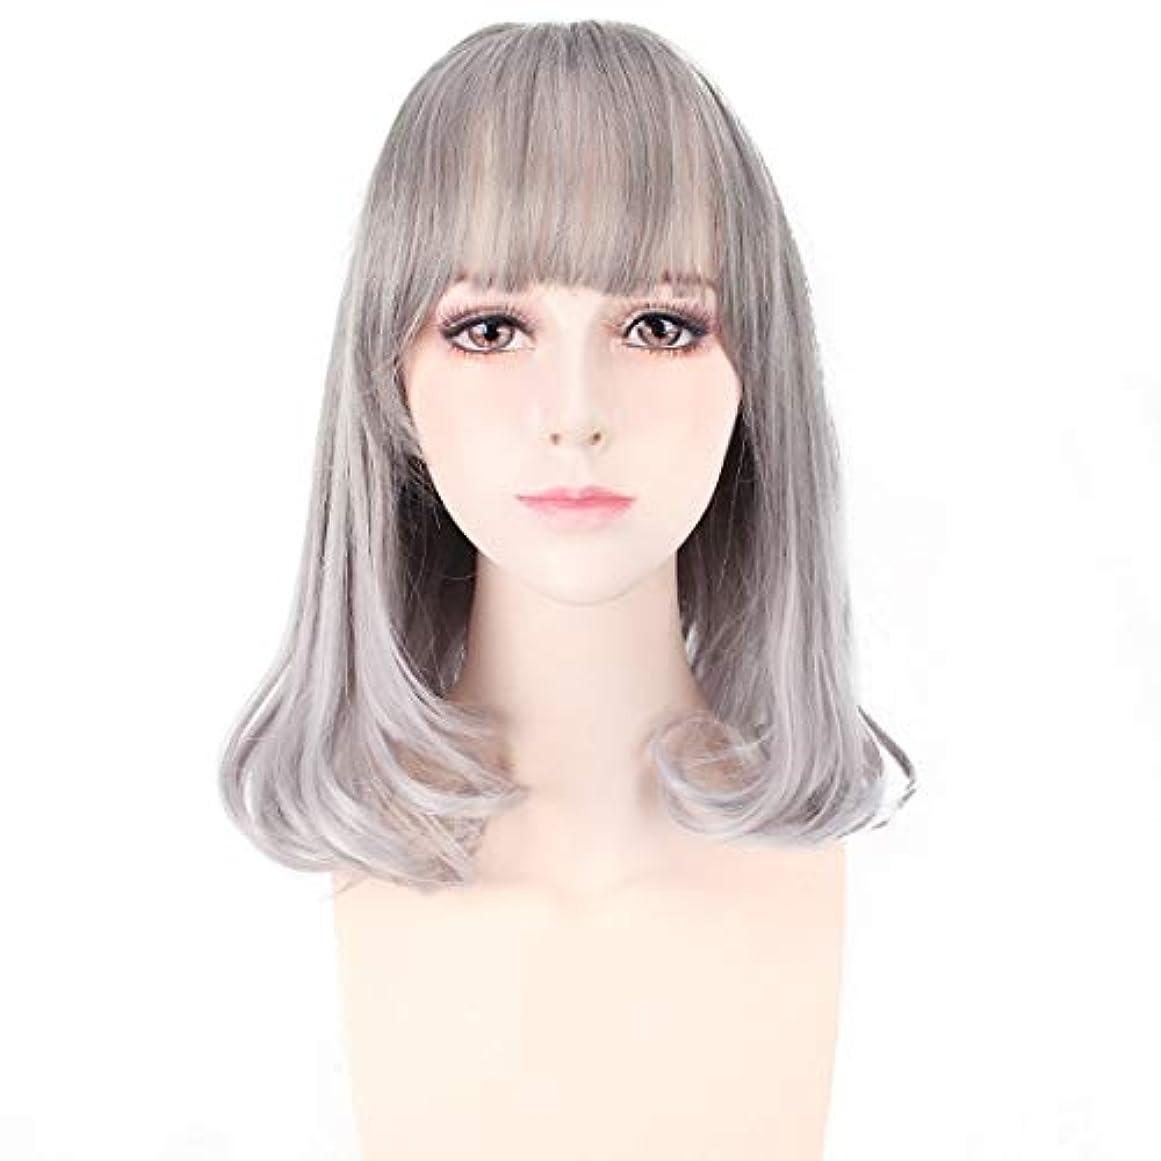 つぶやき損失に変わるYOUQIU 女子チー前髪ショートヘアウェーブ頭ふわふわのリアルなガールウィッグウィッグ用ショートヘア (色 : Silver gray)